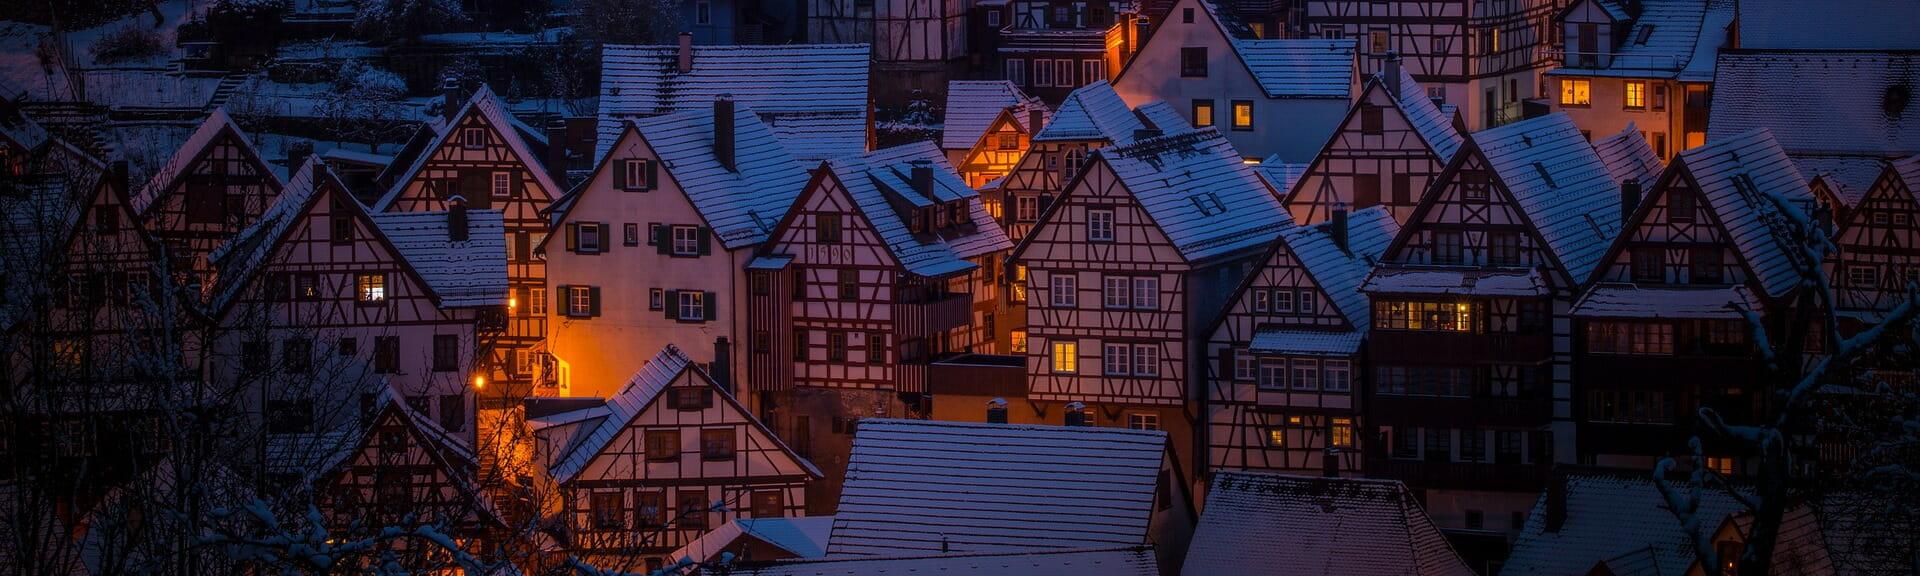 Klassenfahrt Schwarzwald Fachwerkhäuser bei Nacht